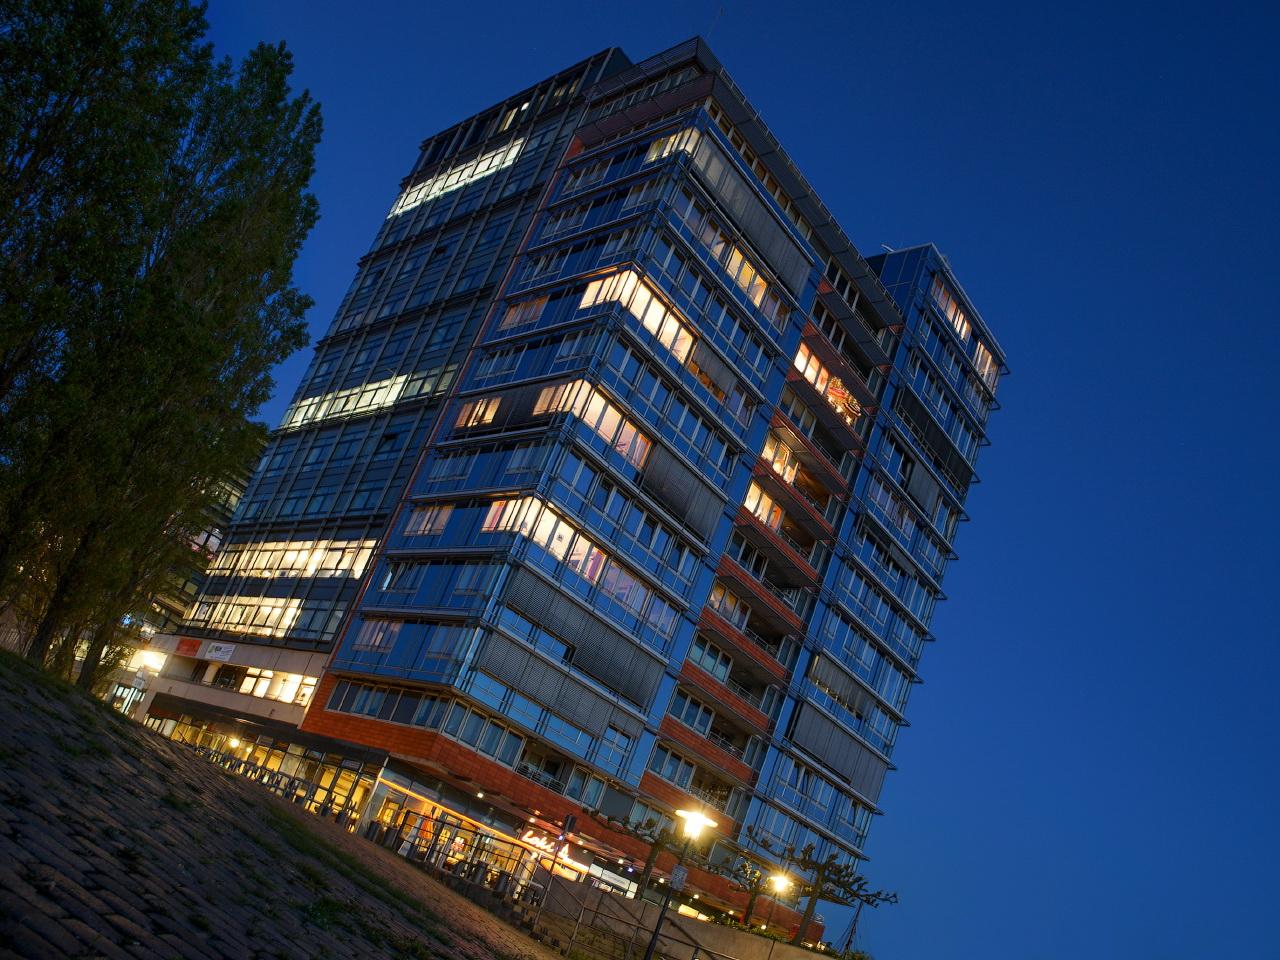 Blaue Stunde & Nachtfotografie Fotokurse im Fotoworkshop Kiel